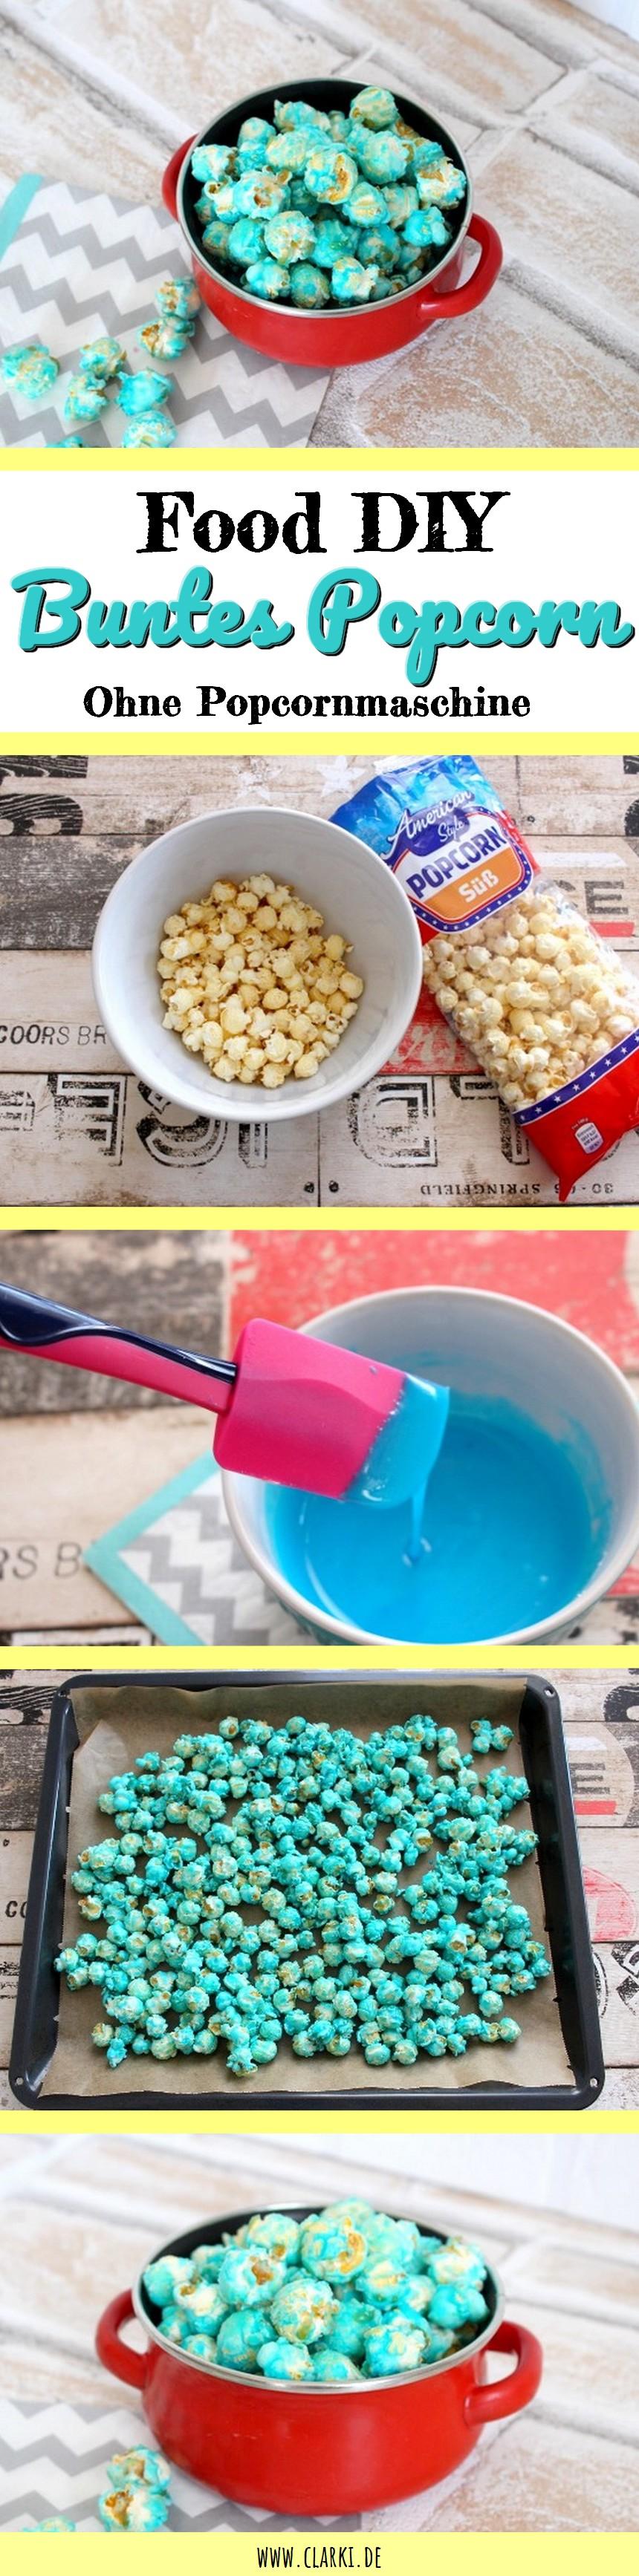 Buntes Popcorn ohne Popcornmaschine selber machen